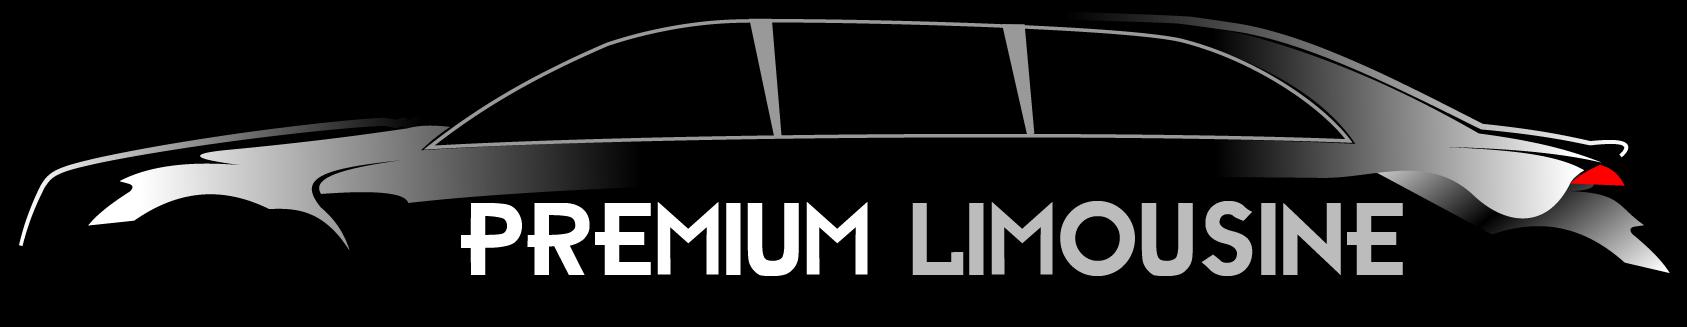 Premiumlimousine